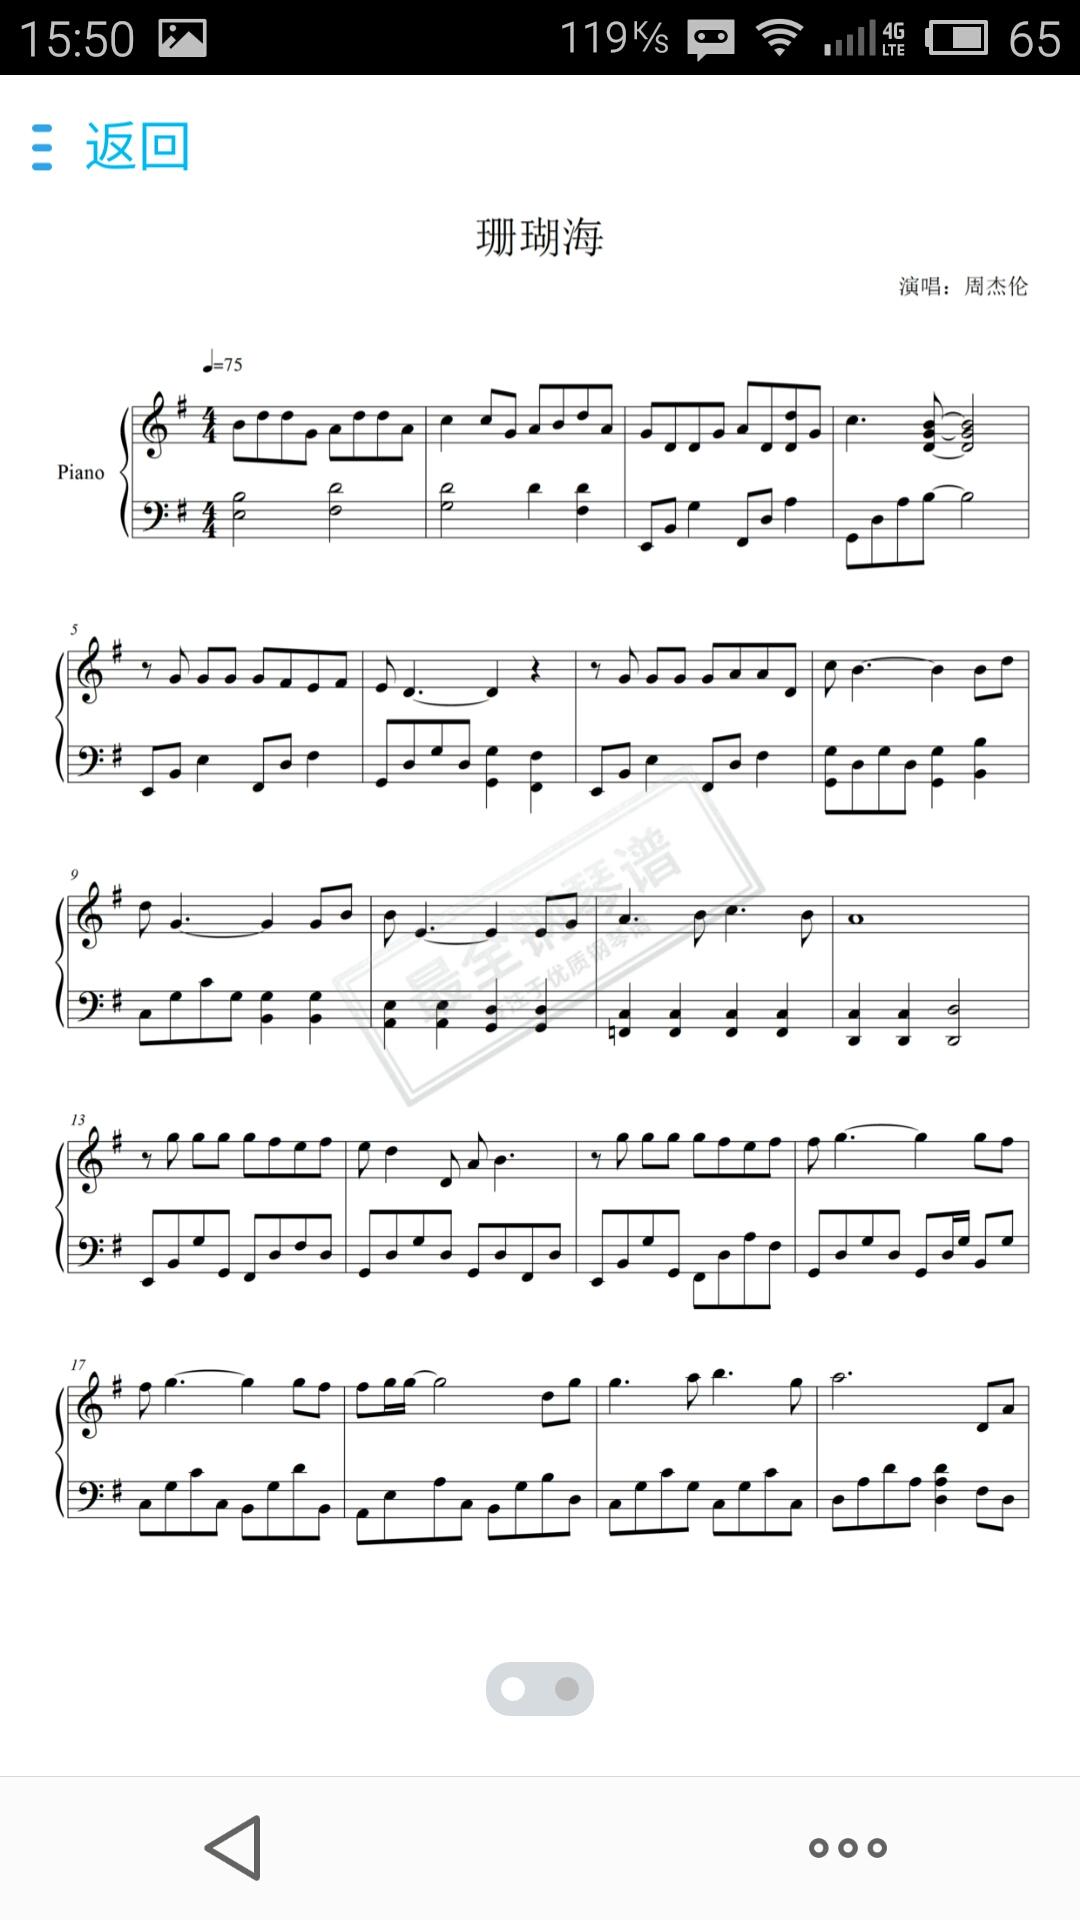 求周杰伦《珊瑚海》的钢琴简谱,或者推荐我本流行音乐